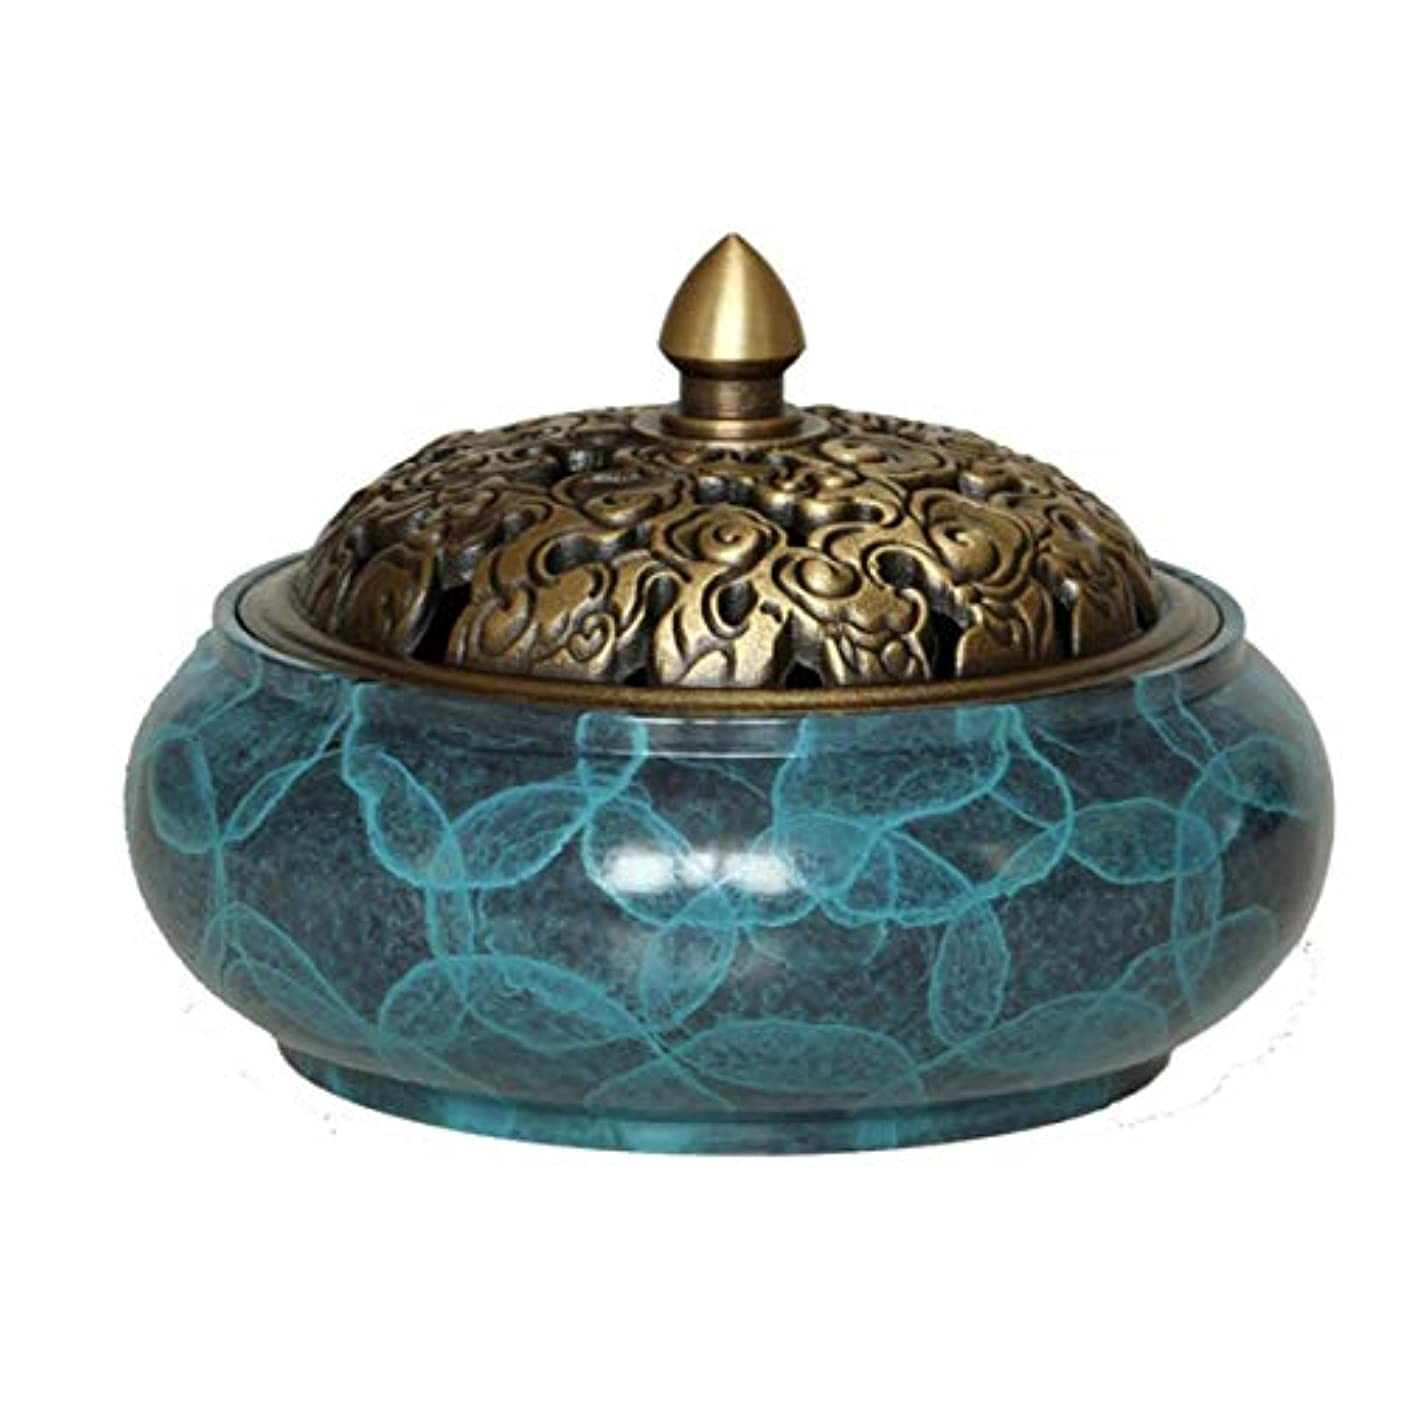 怒り活発小麦粉銅線香ホルダーバーナー銅製の灰キャッチャートレイボウル、家、オフィス、茶屋、瞑想、ヨガなどのための真鍮線香ホルダー